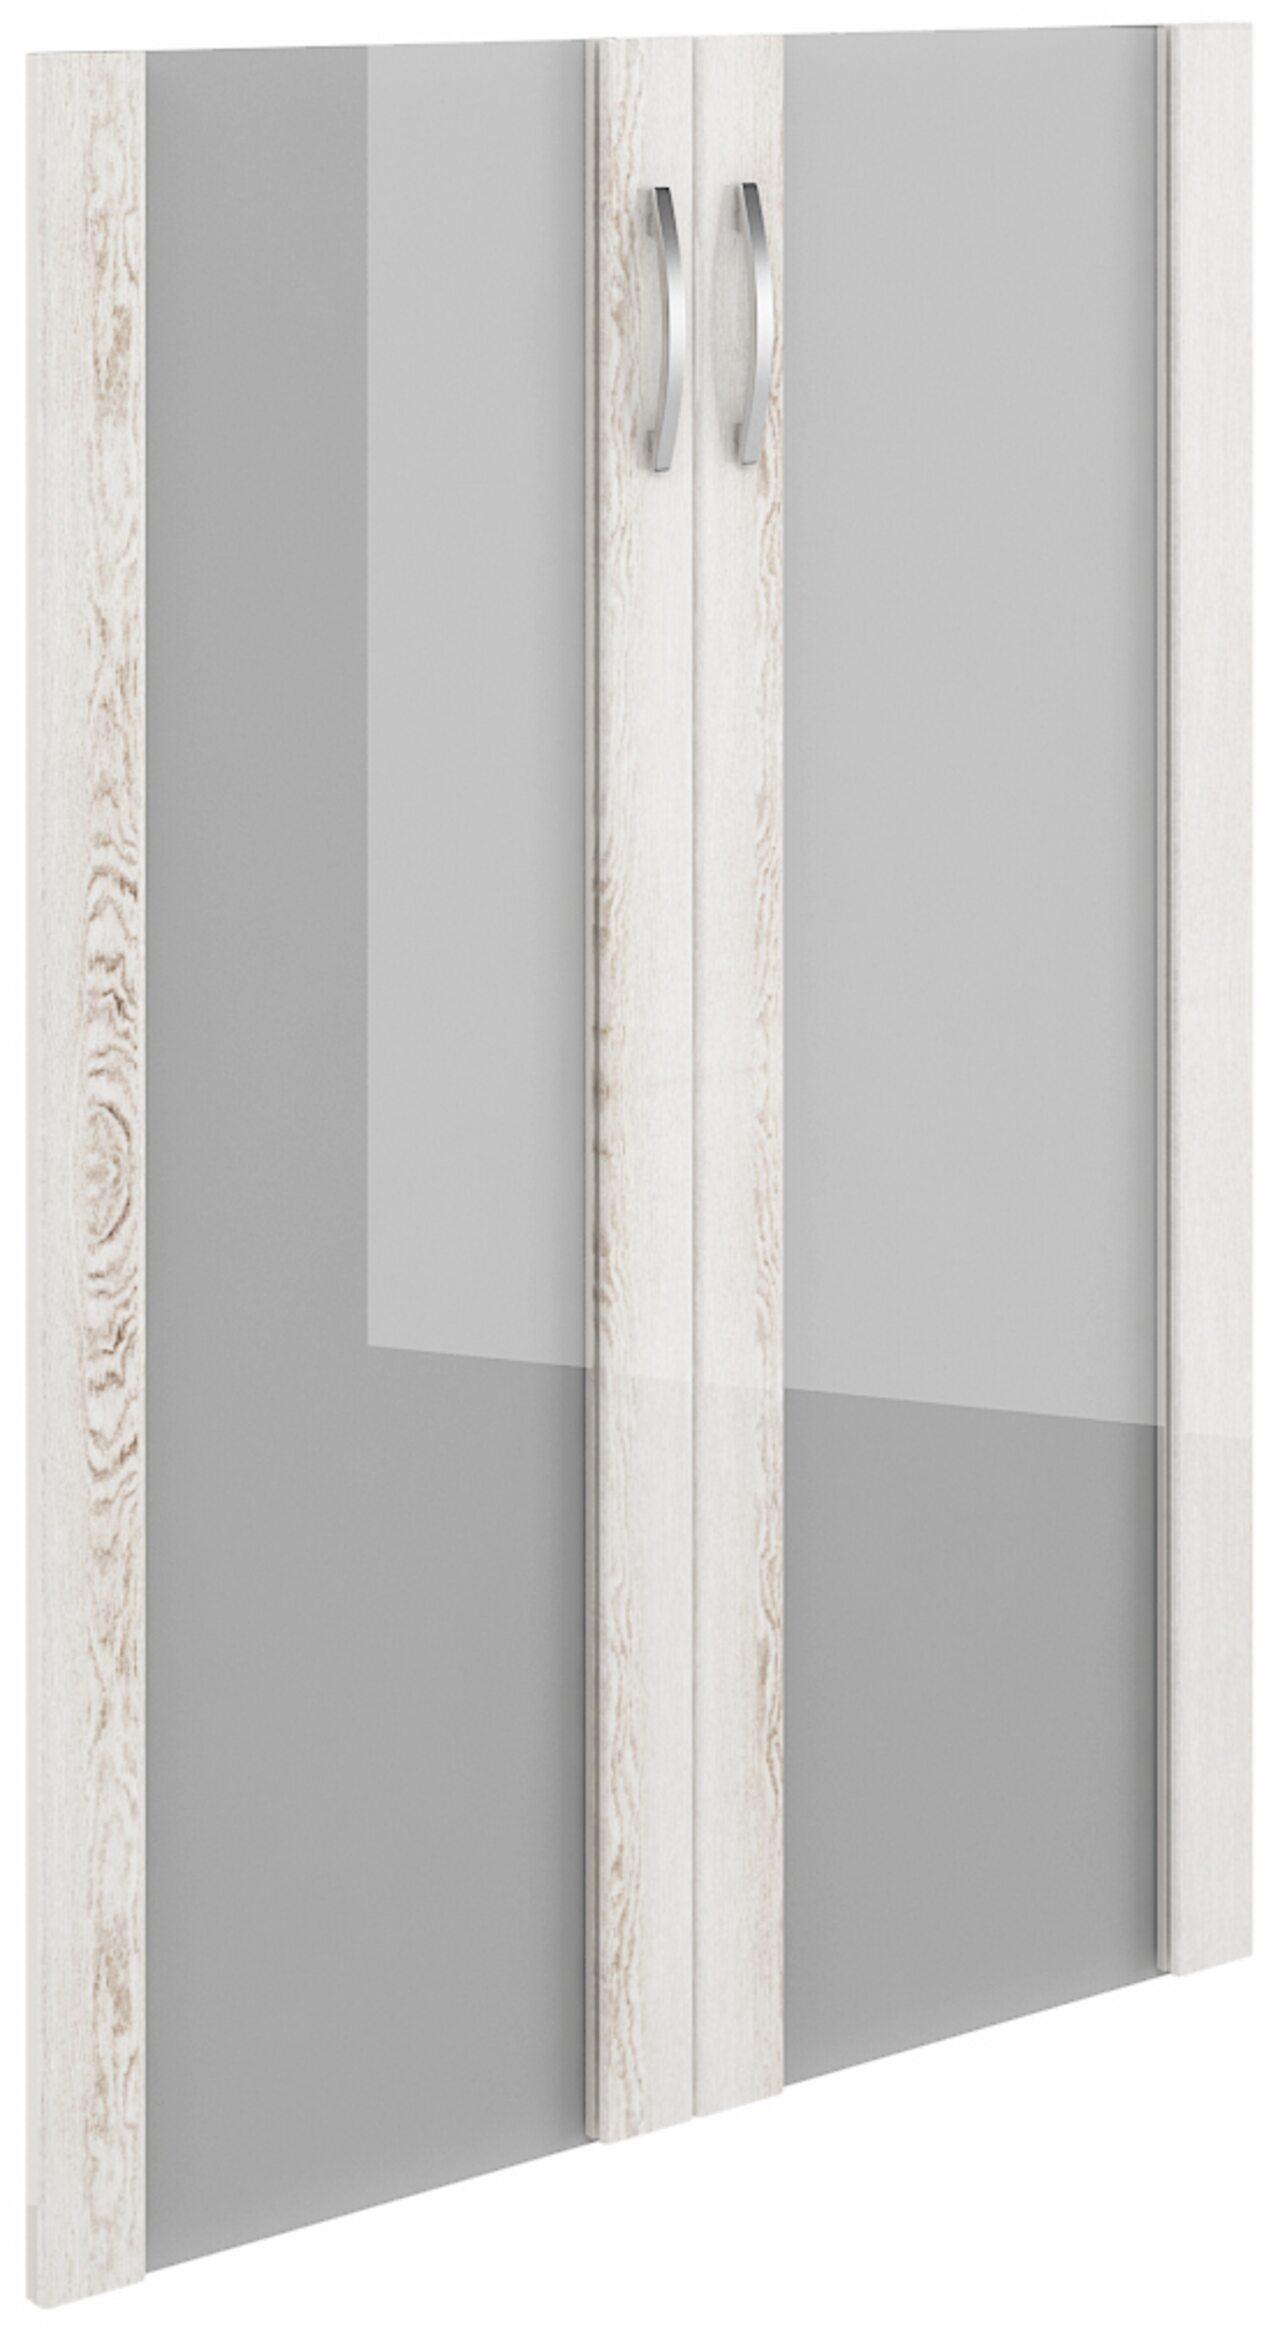 Дверь средняя стекло в рамке МДФ  Консул-ЛАК  - фото 1